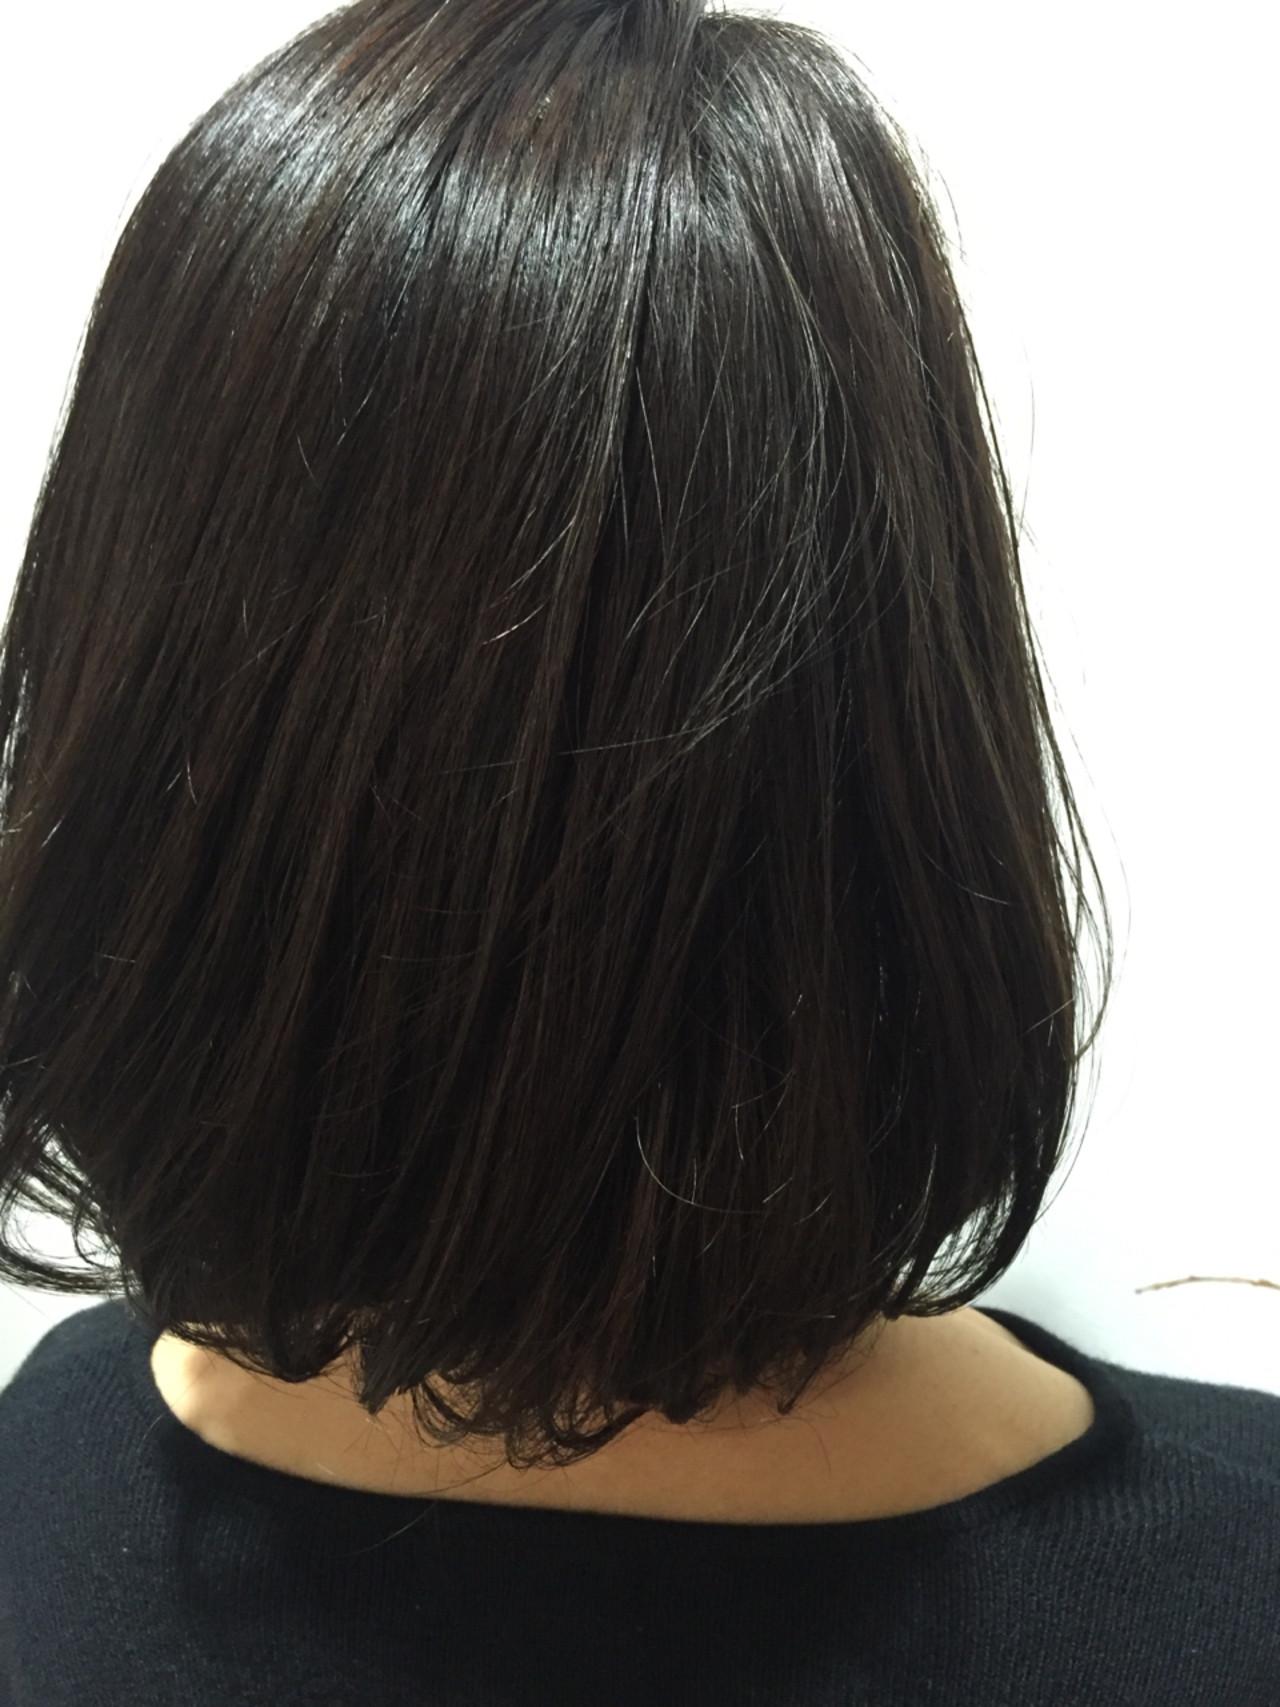 黒髪 暗髪 ボブ 色気 ヘアスタイルや髪型の写真・画像